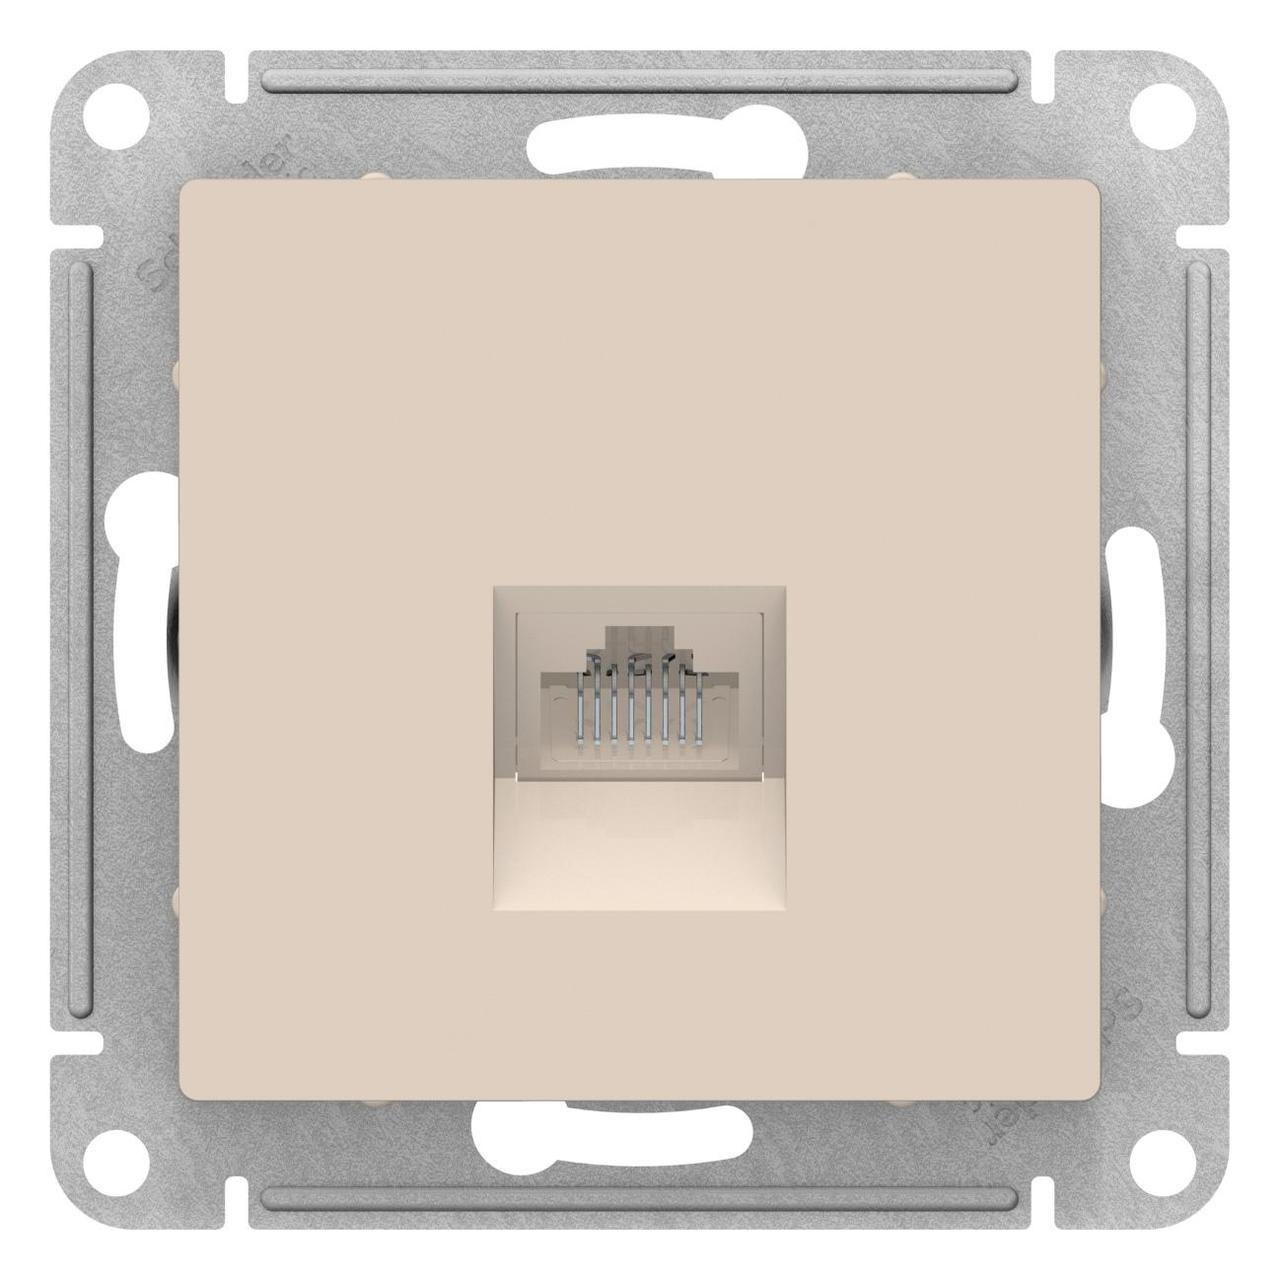 Розетка компьютерная 1-ая кат.5е, RJ-45 (интернет) , Бежевый, серия Atlas Design, Schneider Electric